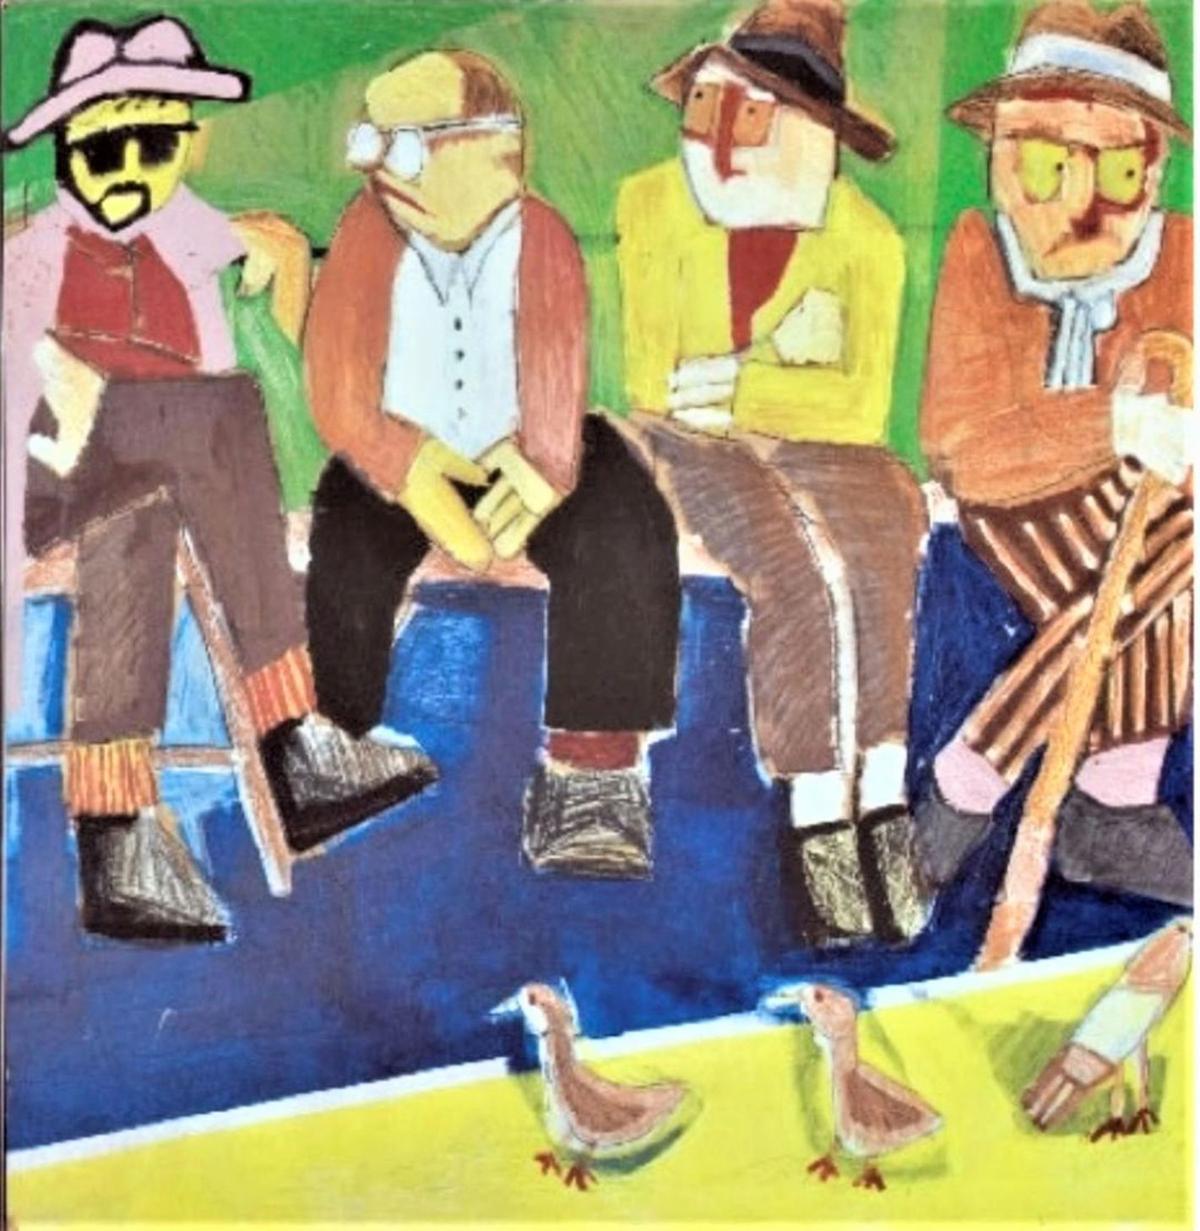 052919_MNS_Summer_Pleasures_001 Gene Allcott painting